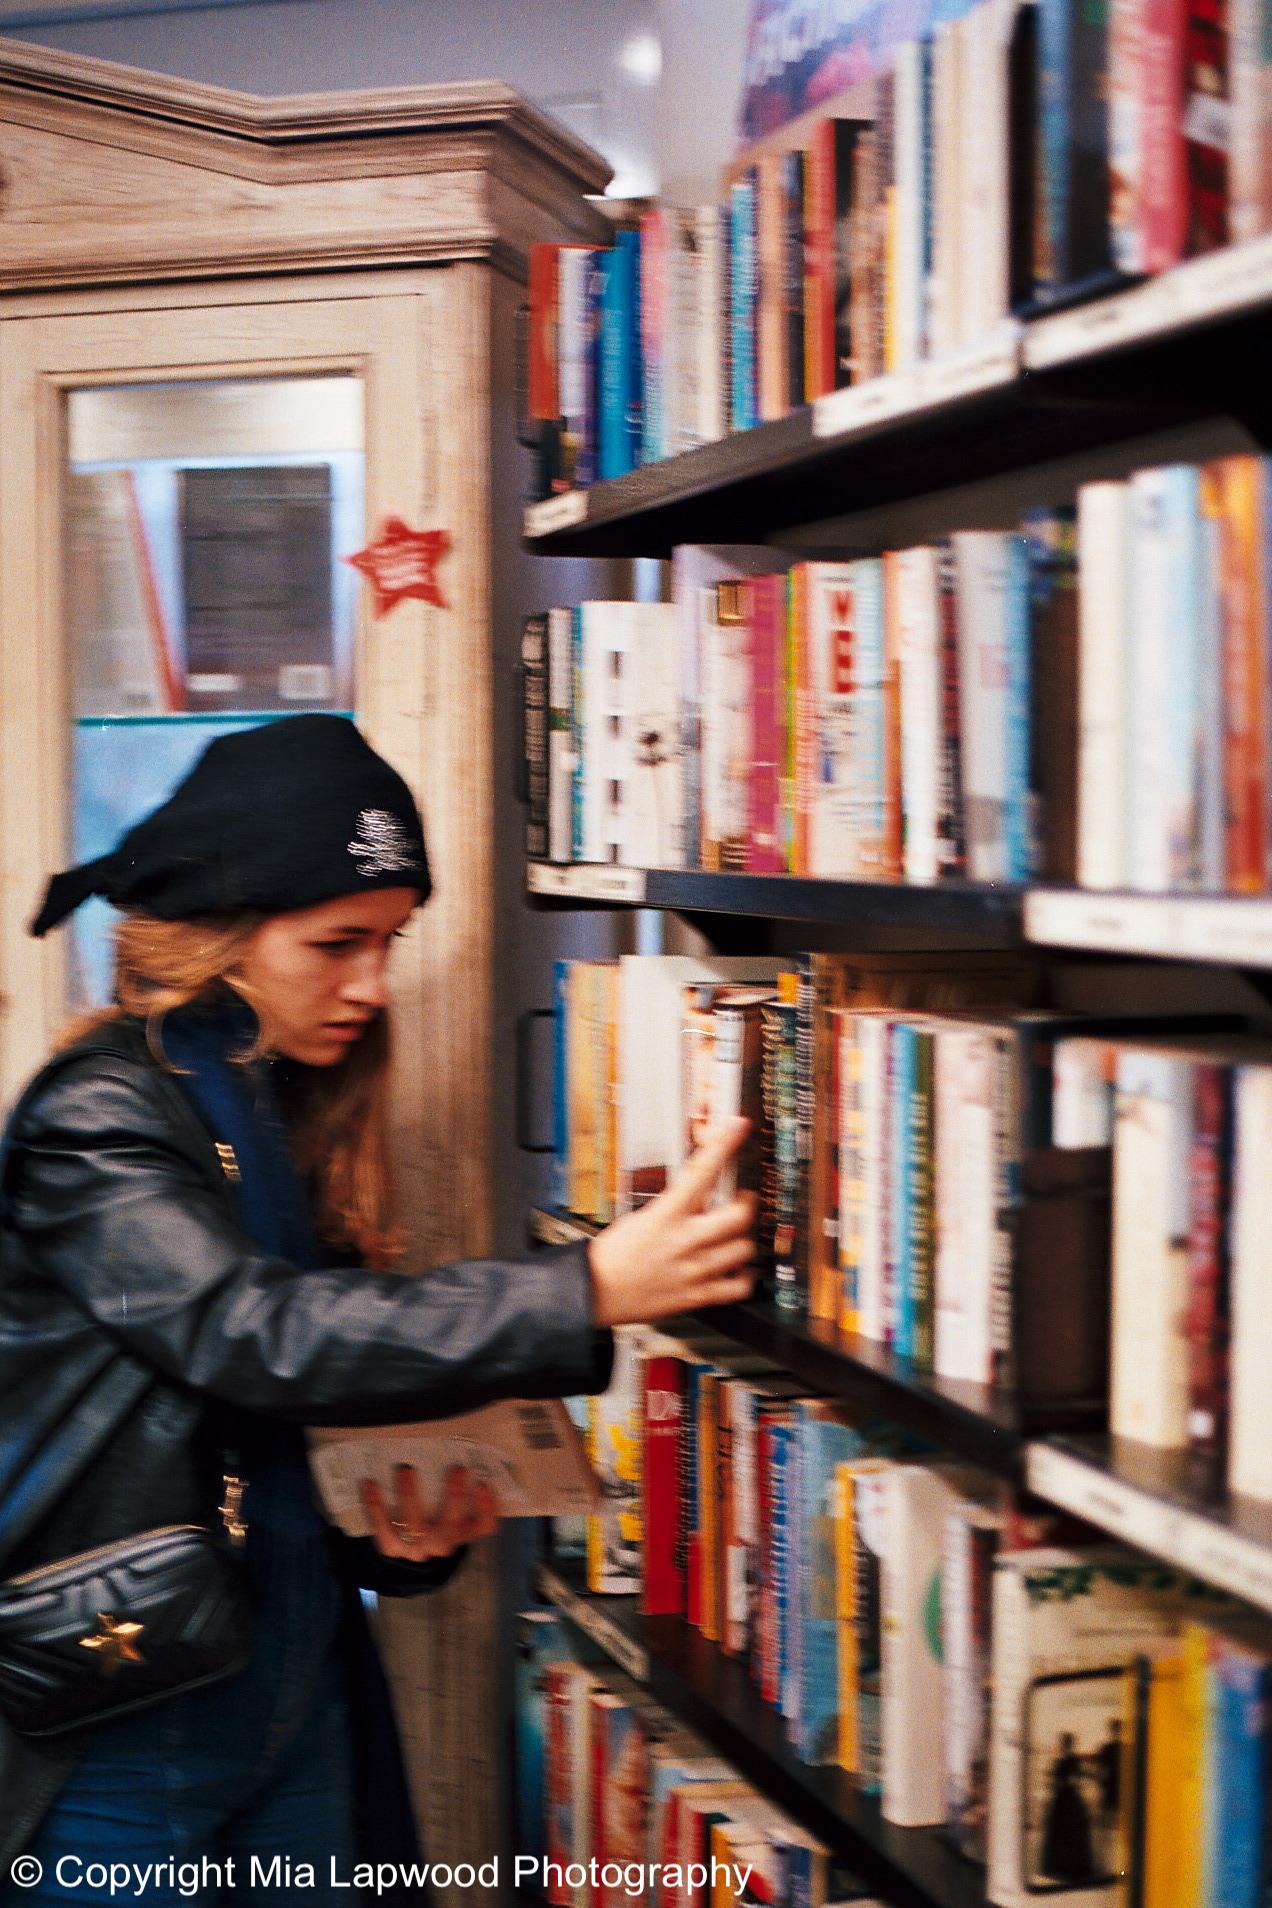 c books